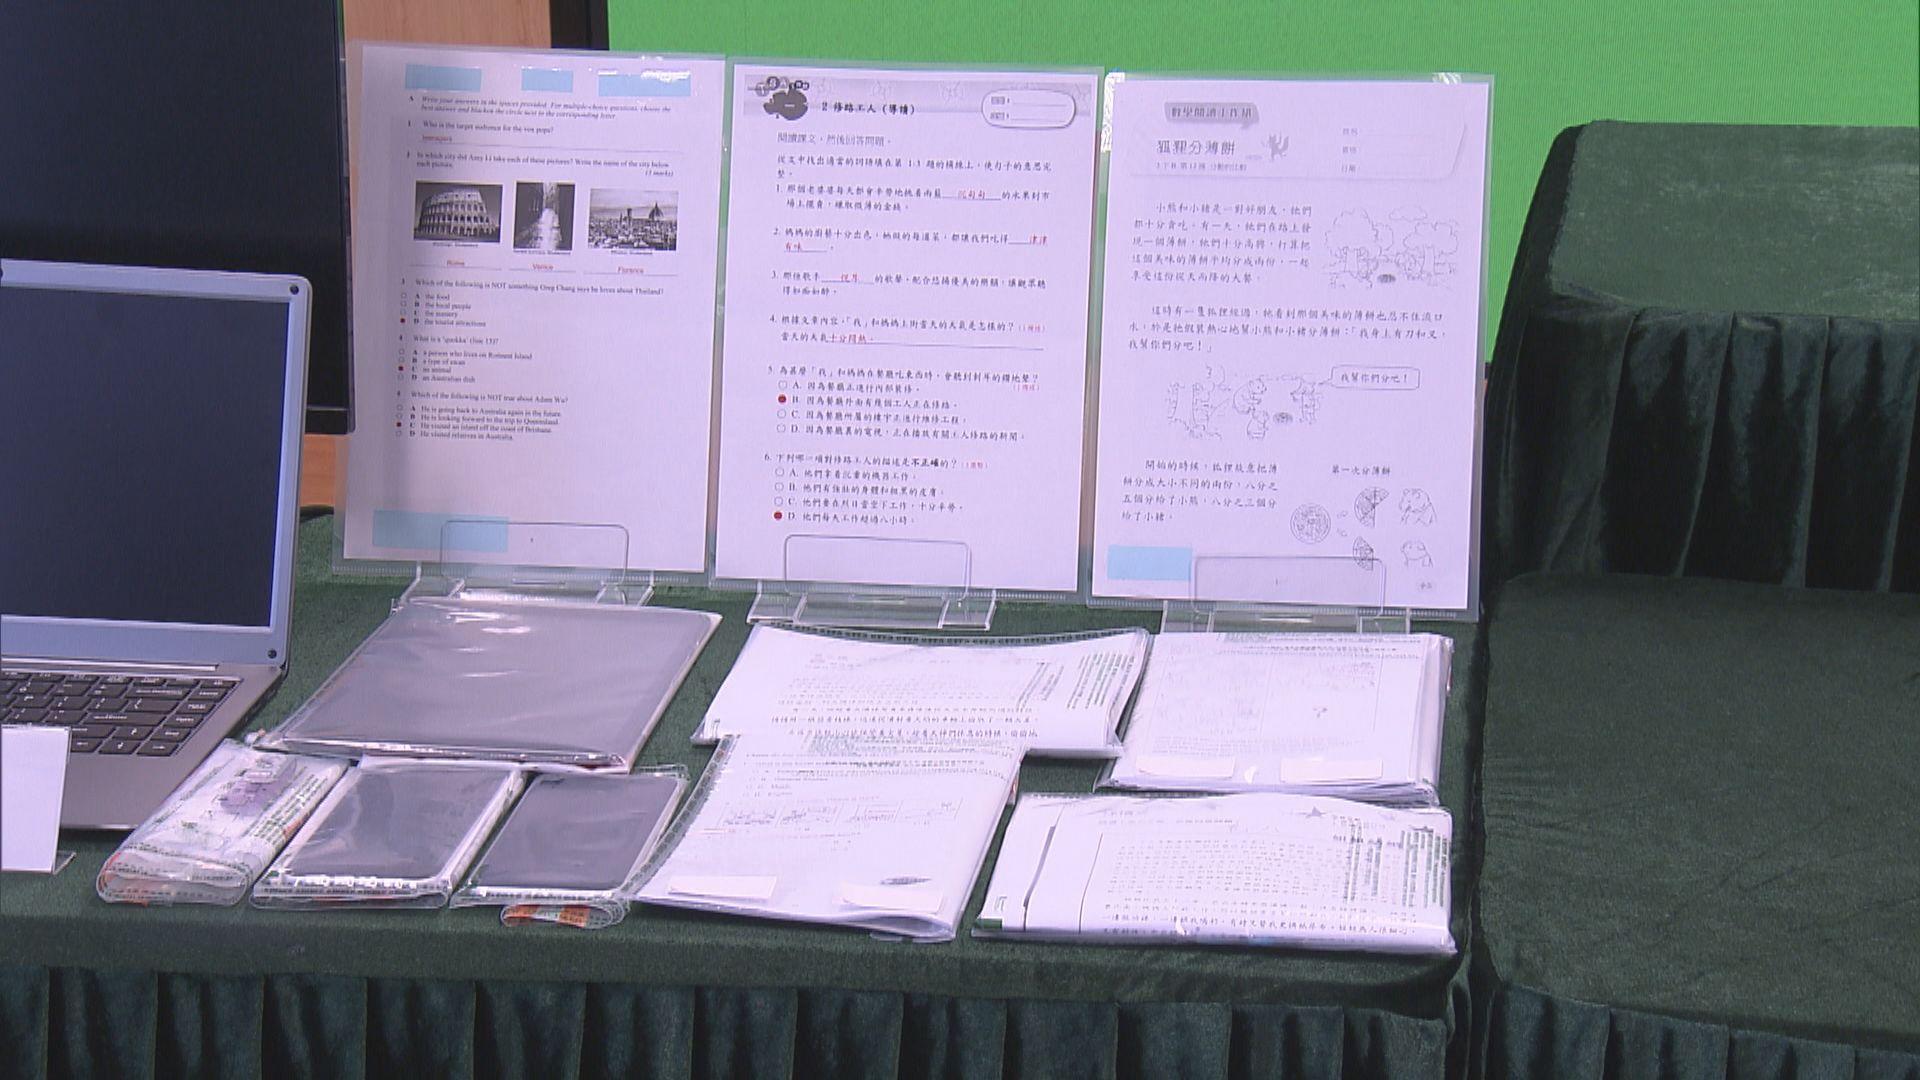 海關檢逾5.9萬疑盜版電子小學試題檔案 拘捕5人